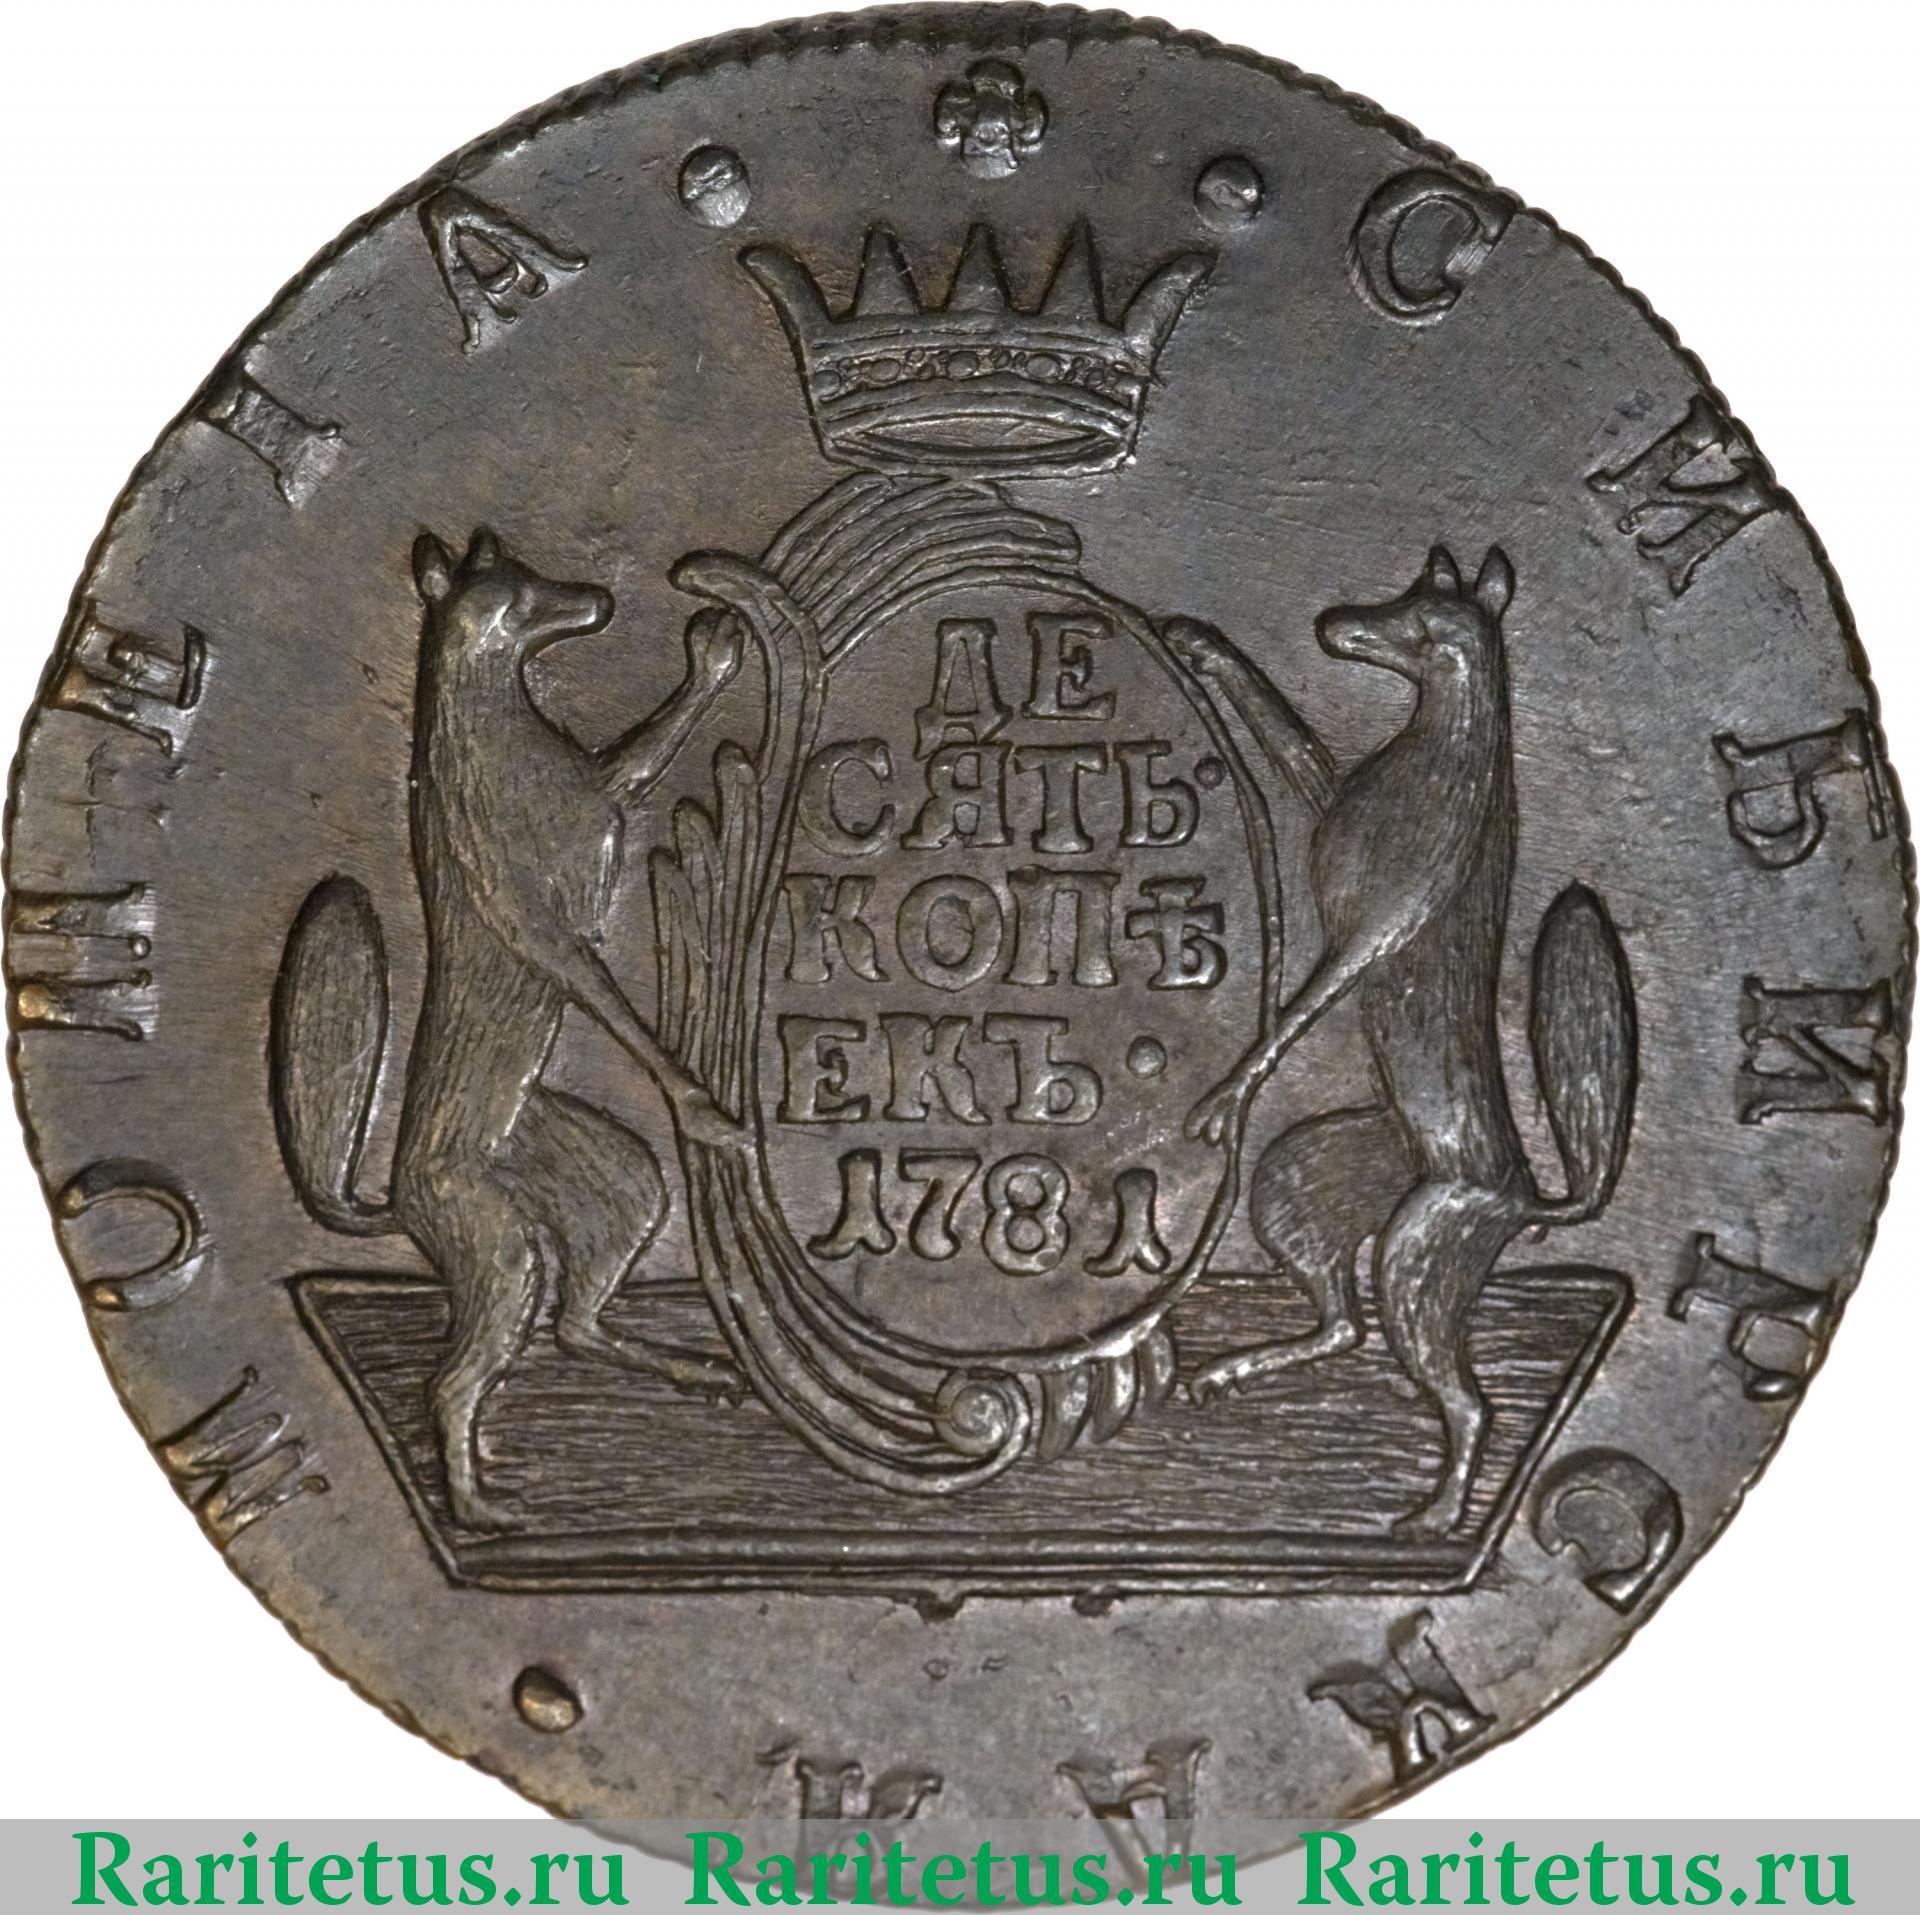 Монеты сибири купить 20 злотых 1986 г